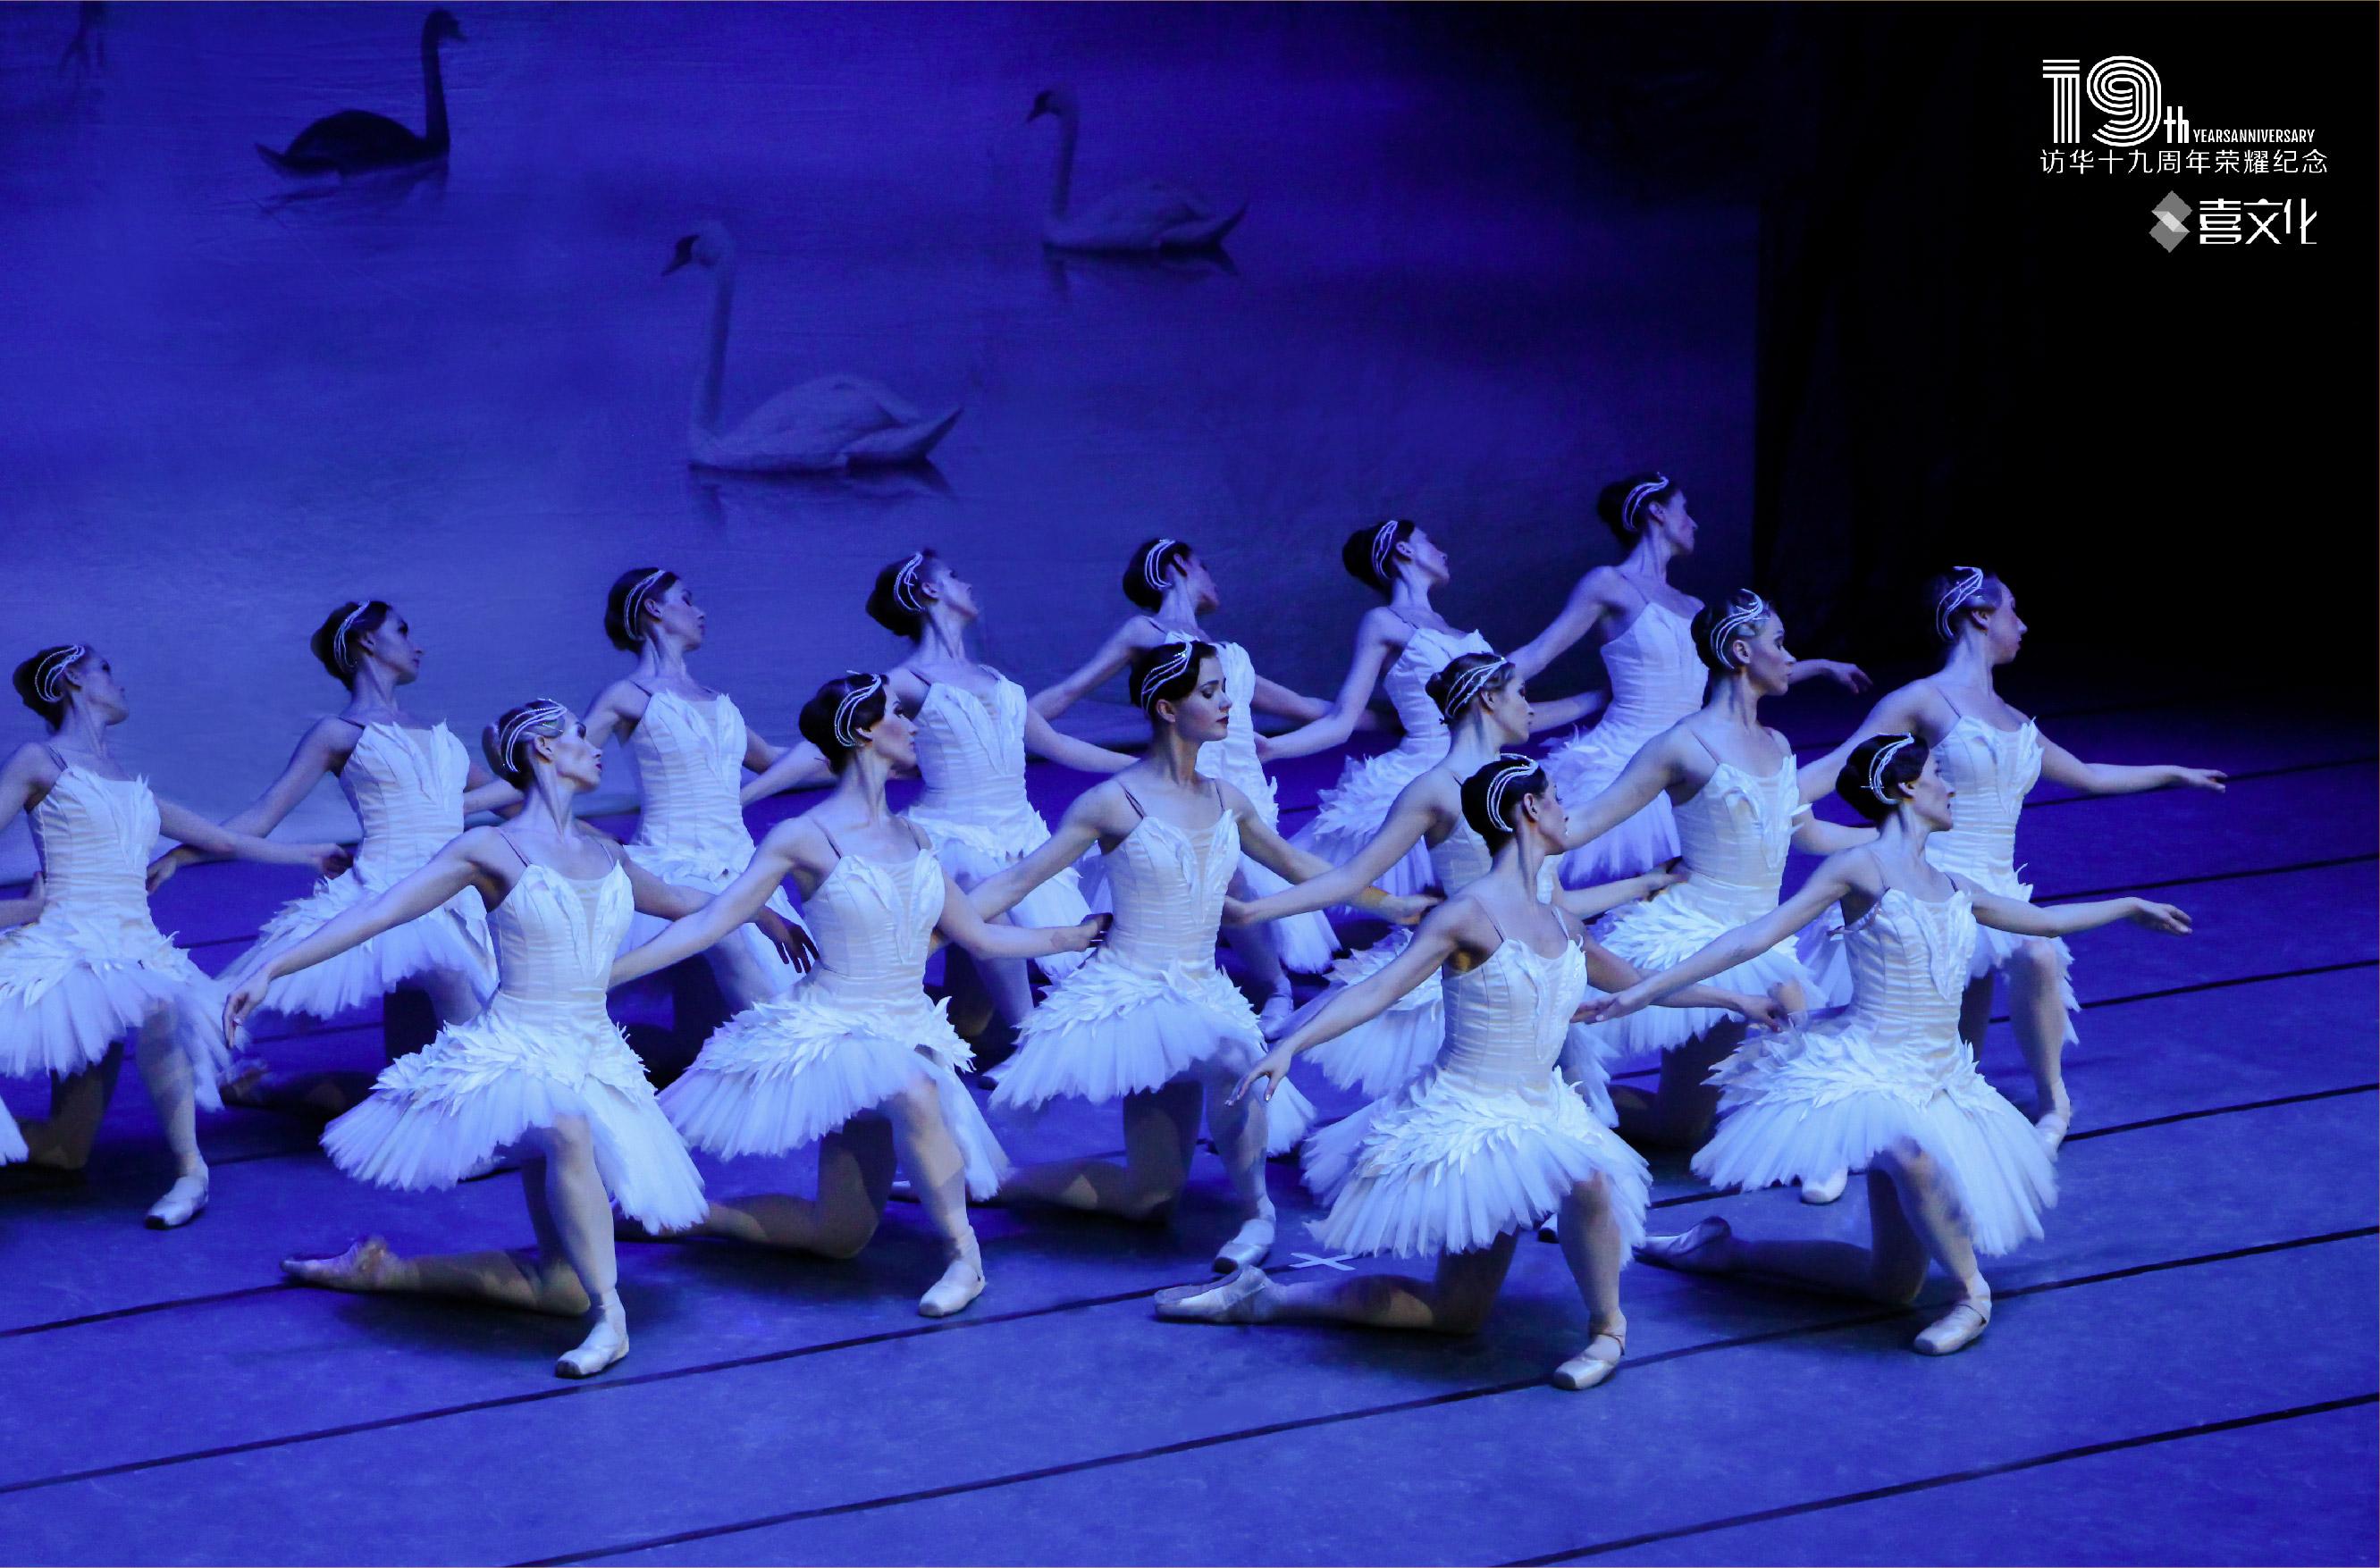 连续访华19周年品质纪念―俄罗斯皇家芭蕾舞团《天鹅湖》2019中国巡演・天津站